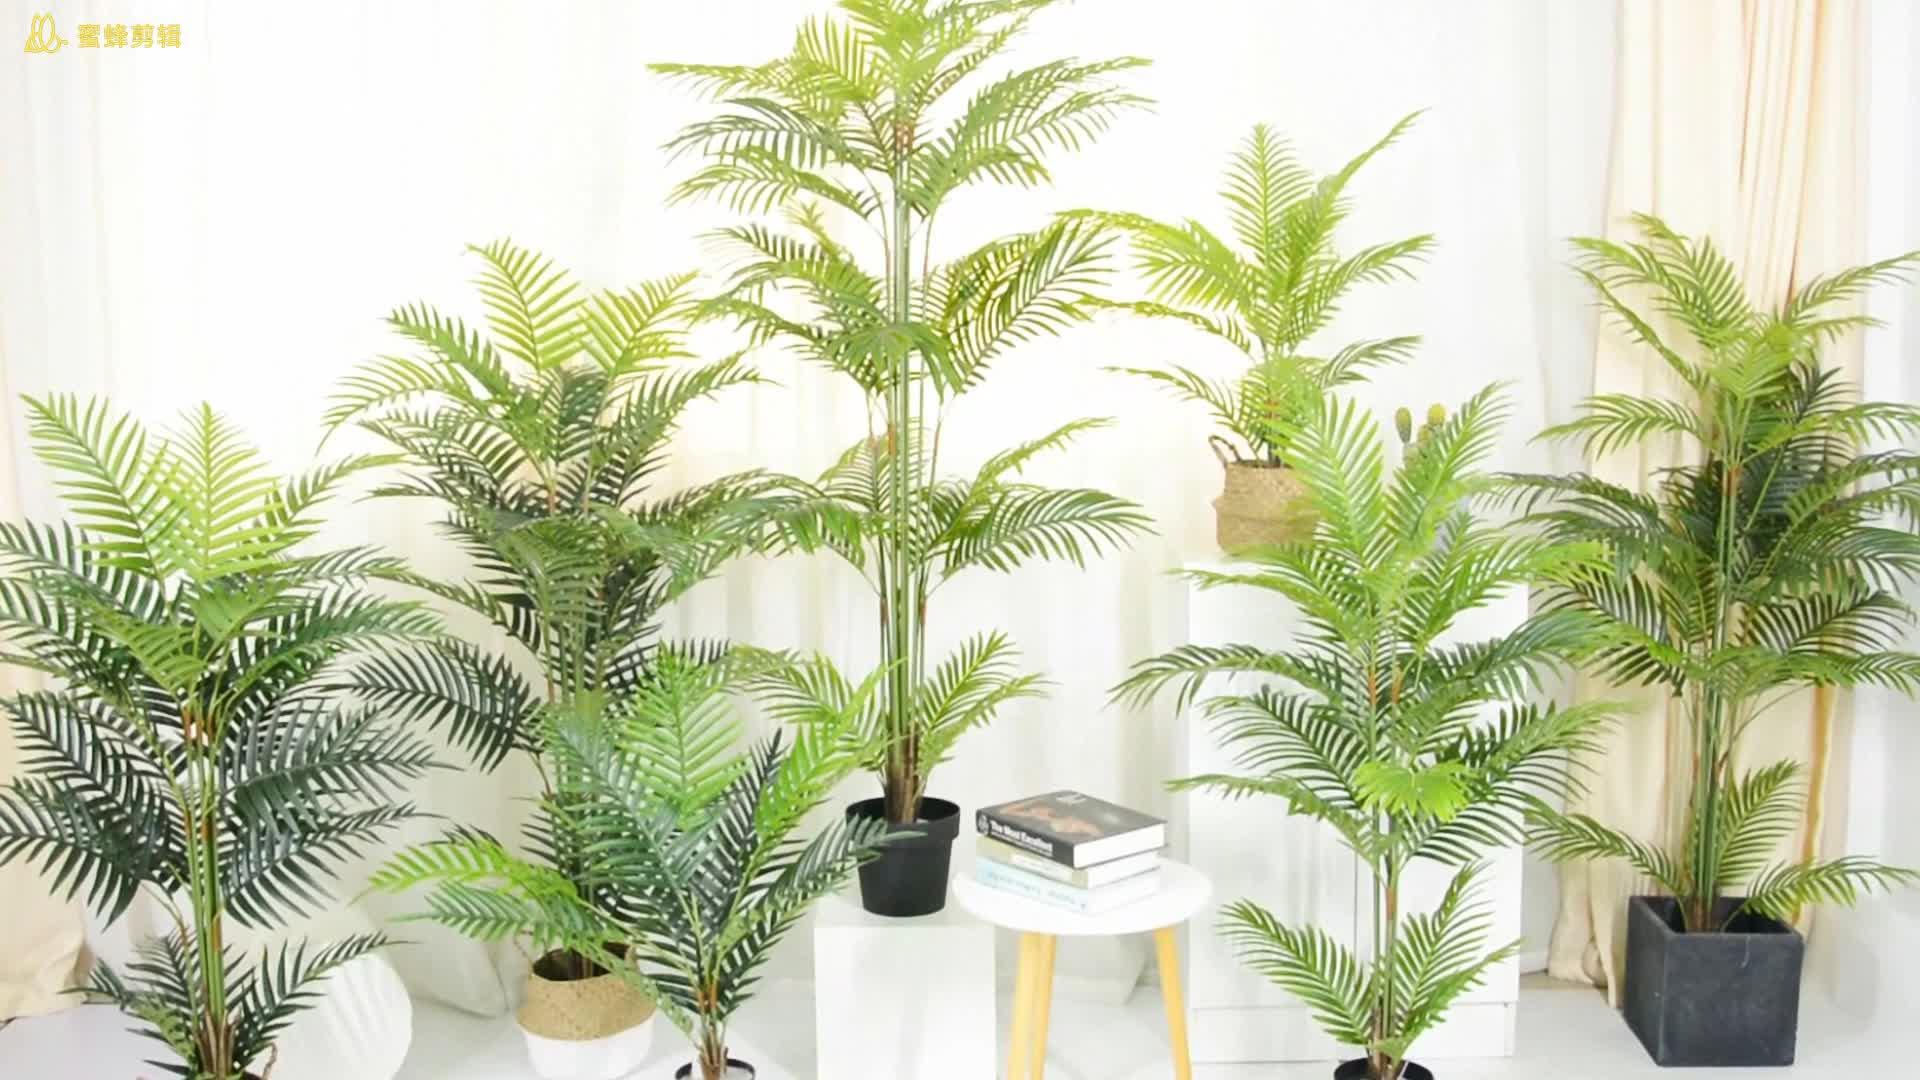 4ft Arec Artificiel Palmier en Pot pour La Décoration Intérieure plantes D'intérieur Artificiel Arbre Palm